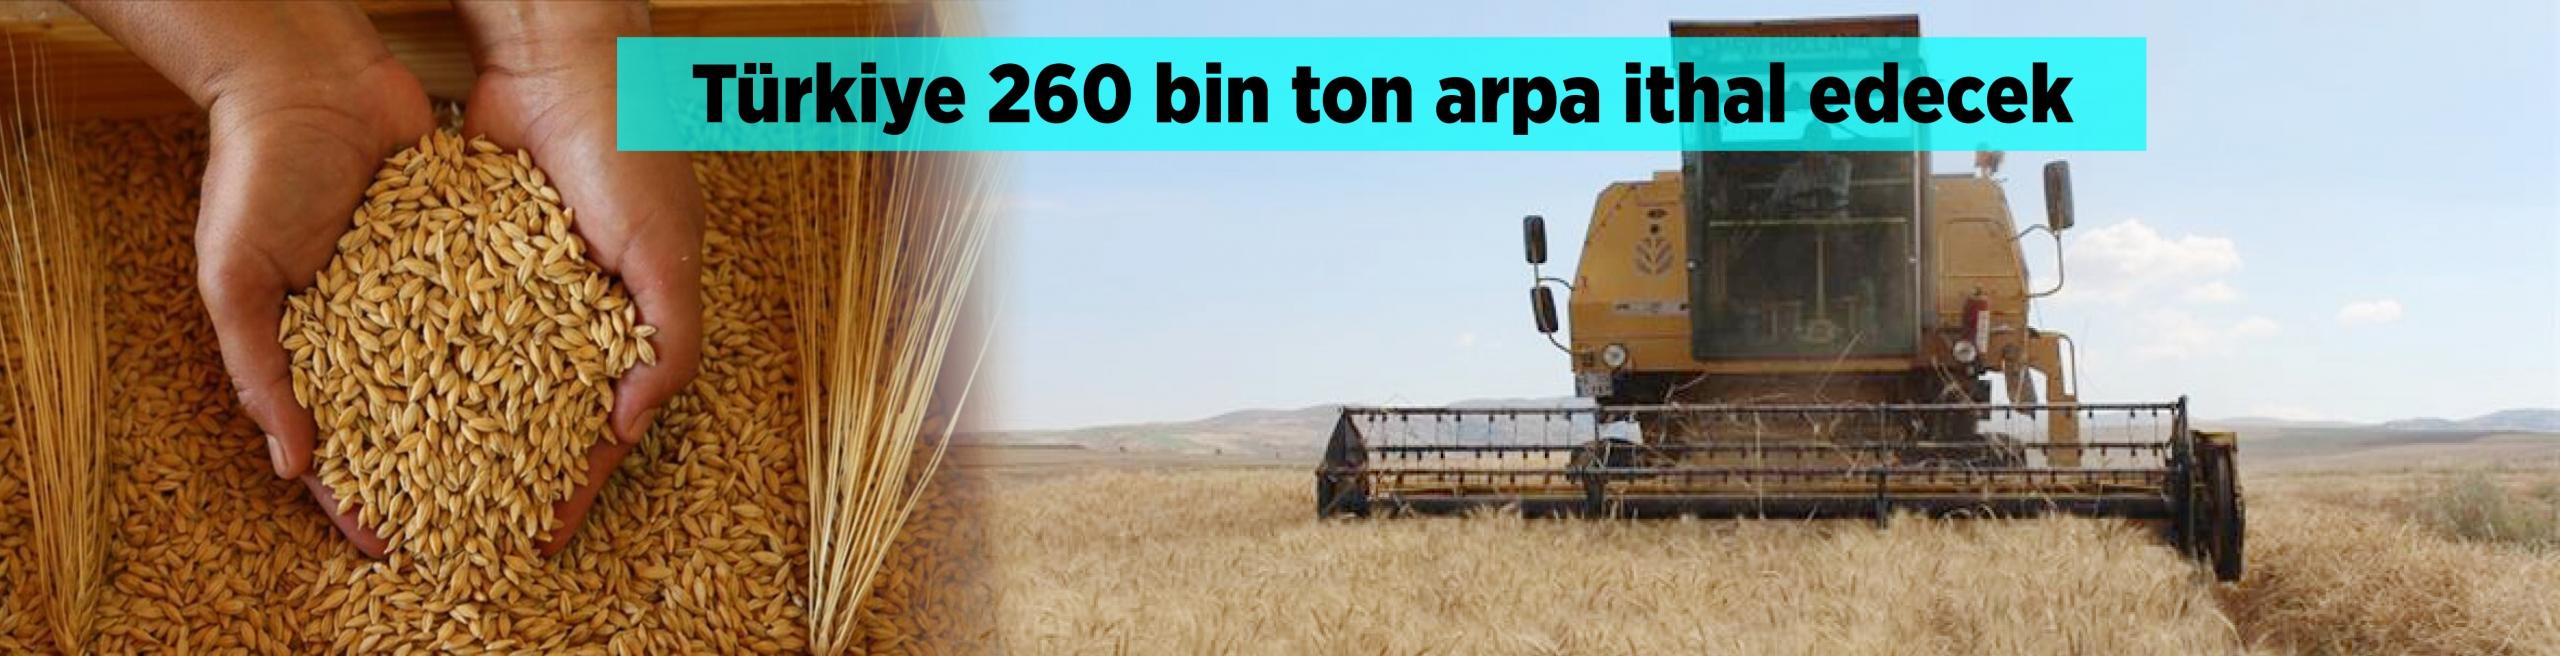 Türkiye 260 bin ton arpa ithal edecek